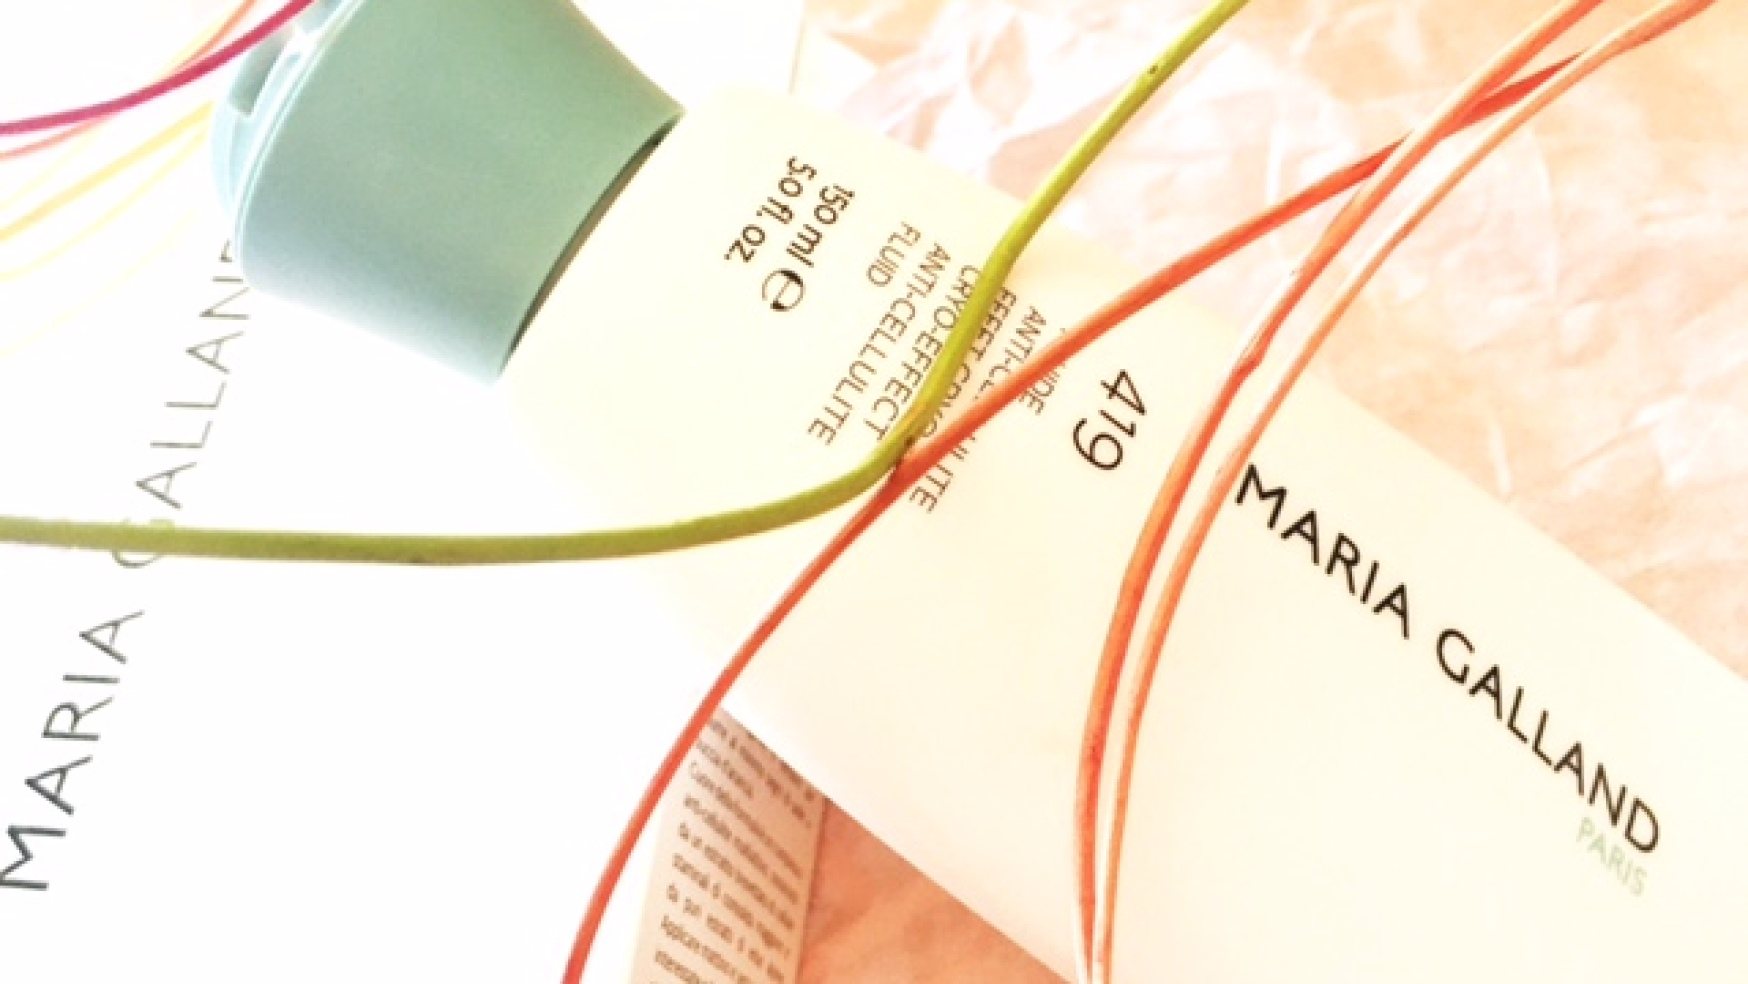 Fluido anti-cellulite Maria Galland Paris